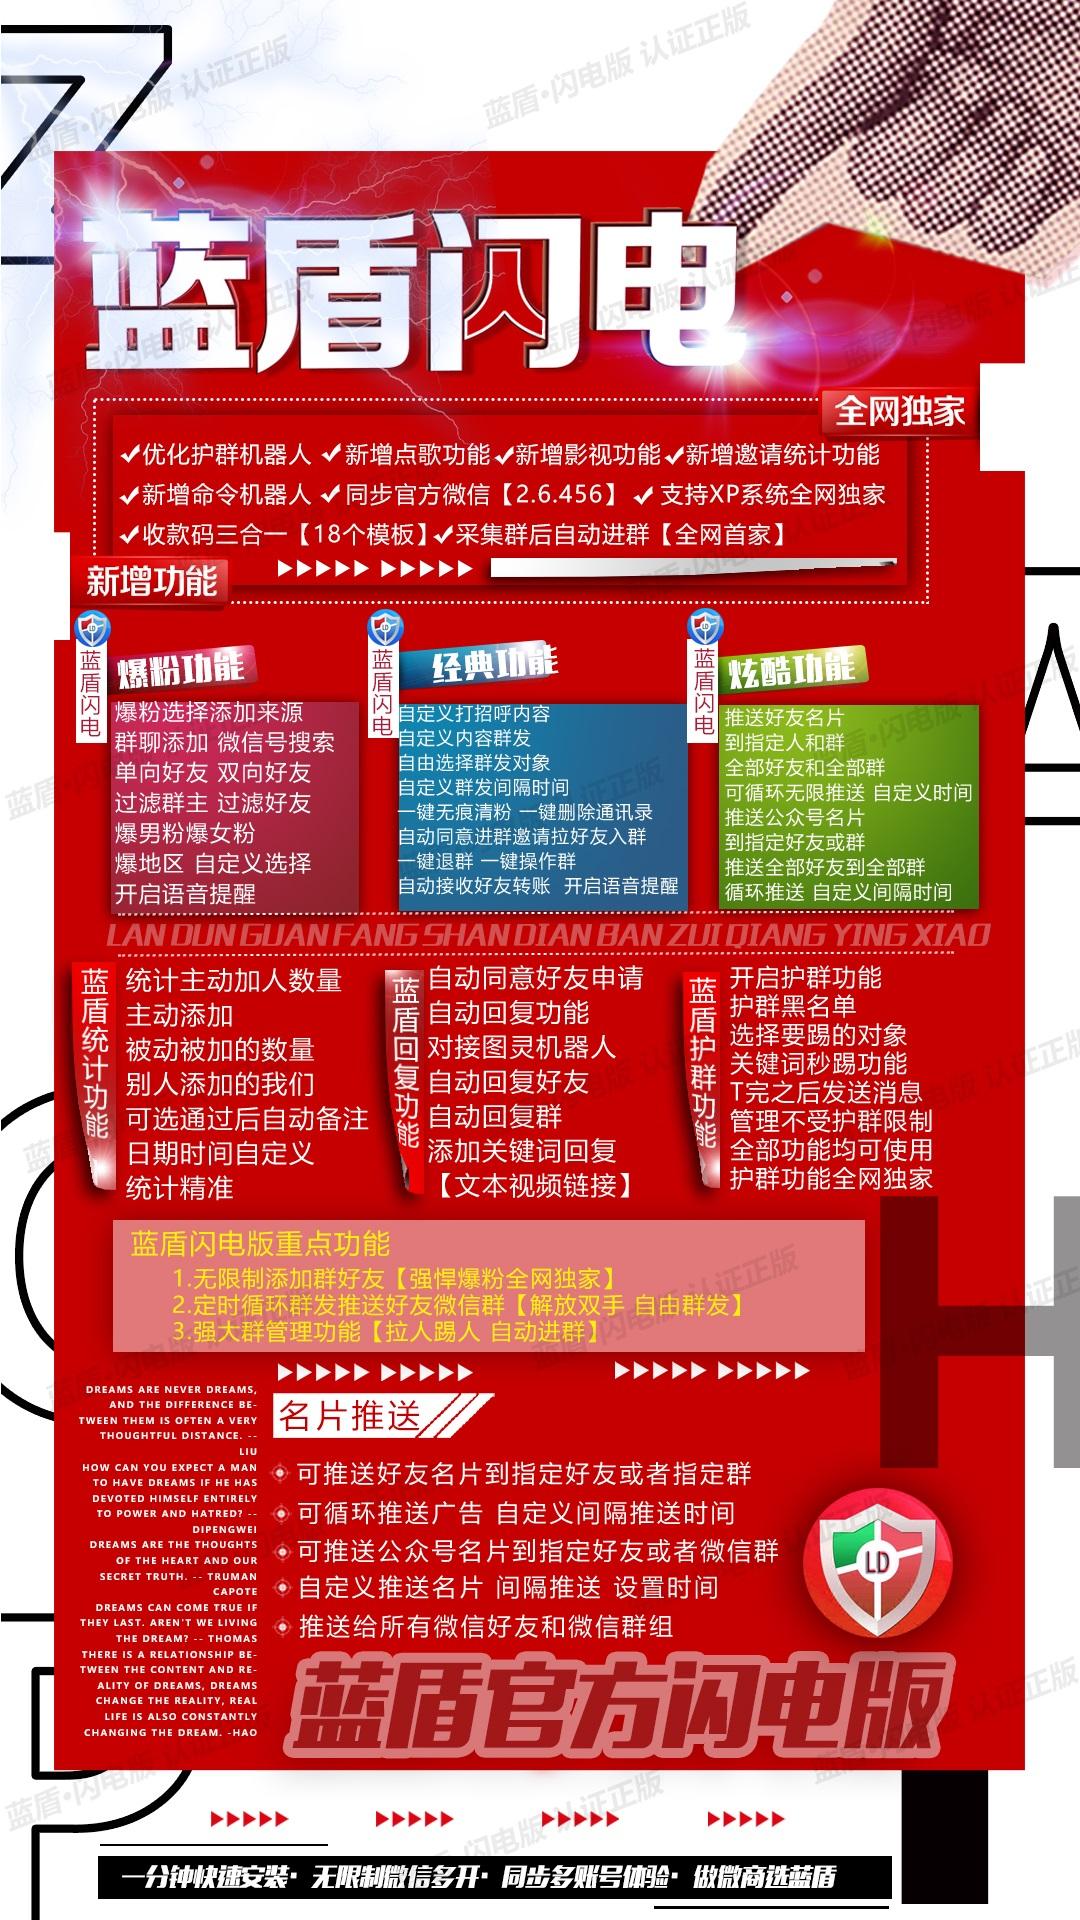 【蓝盾】季度卡-PC端多账号爆粉选择添加来源 拉群进群自动接受好友请求